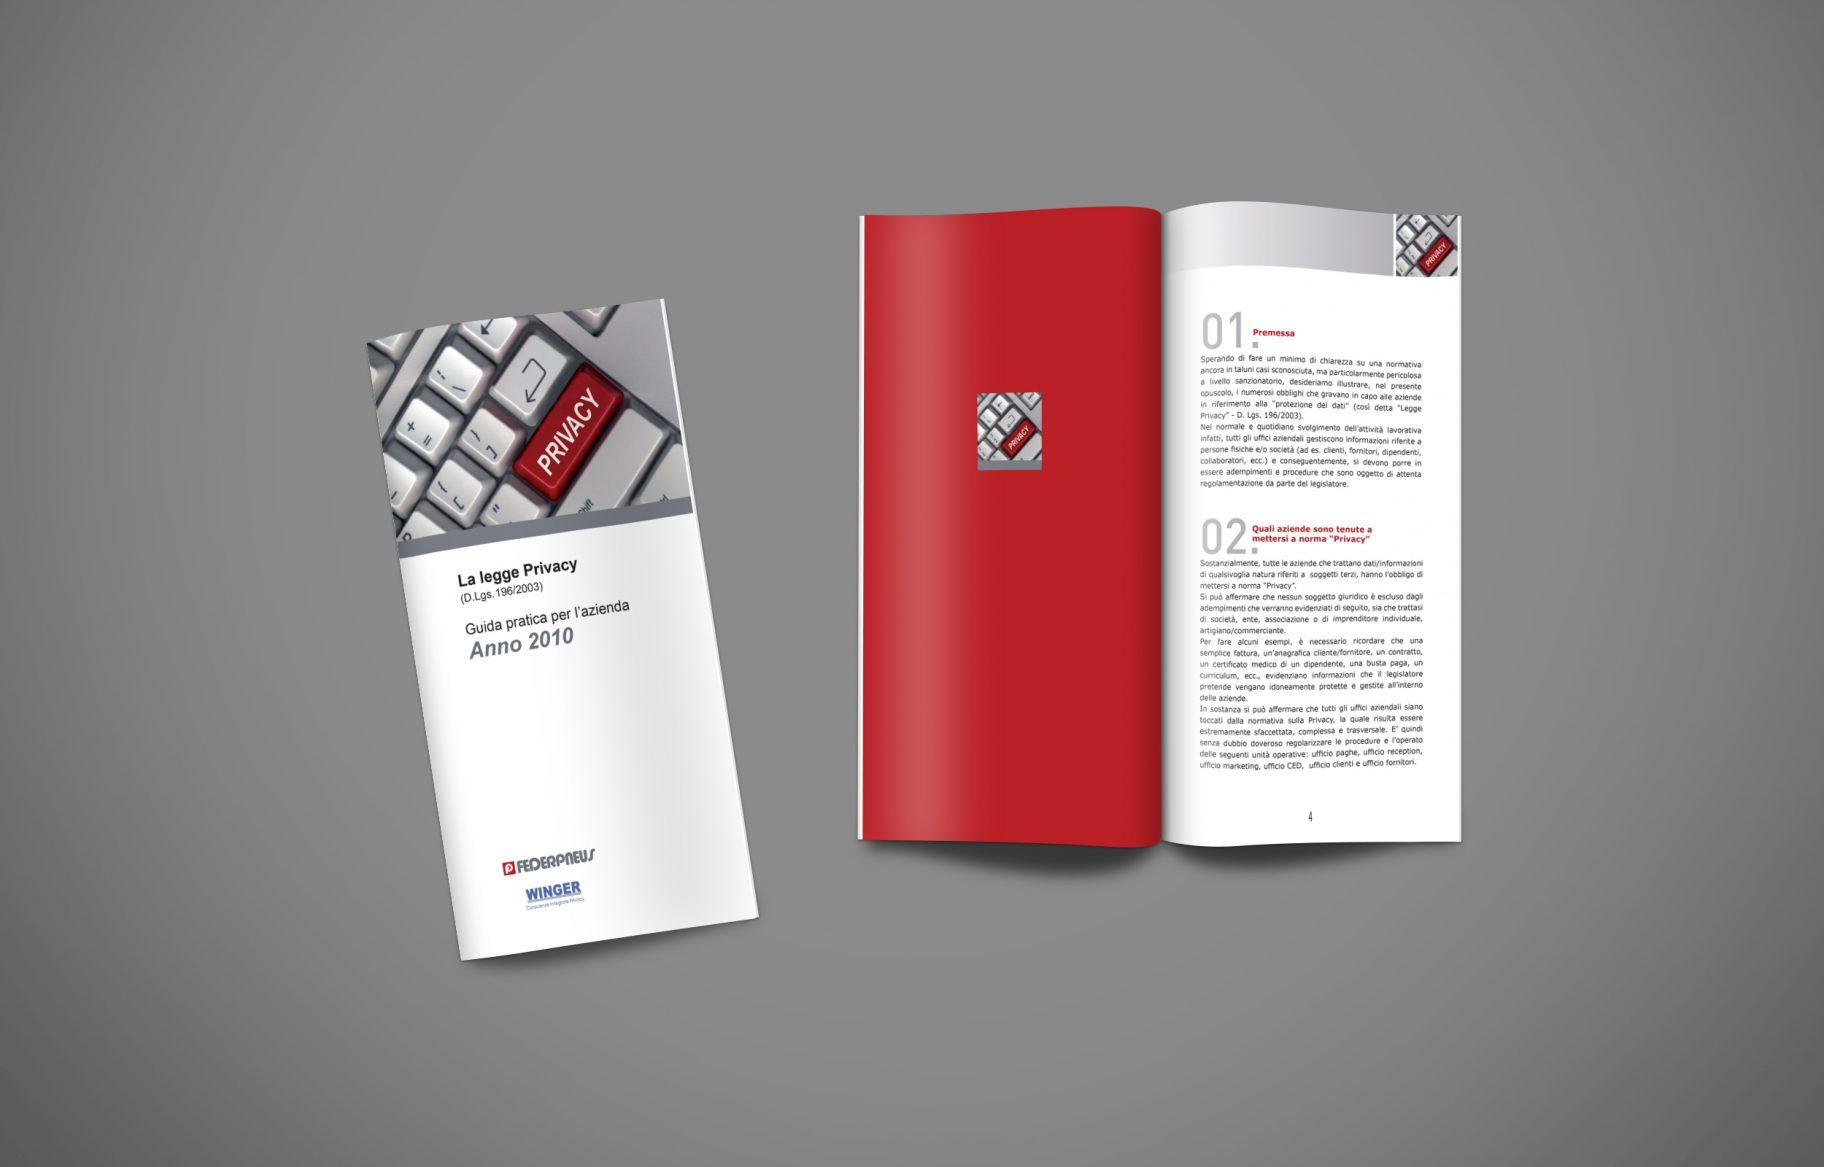 federpneus-La Legge PRIVACY-Brochure